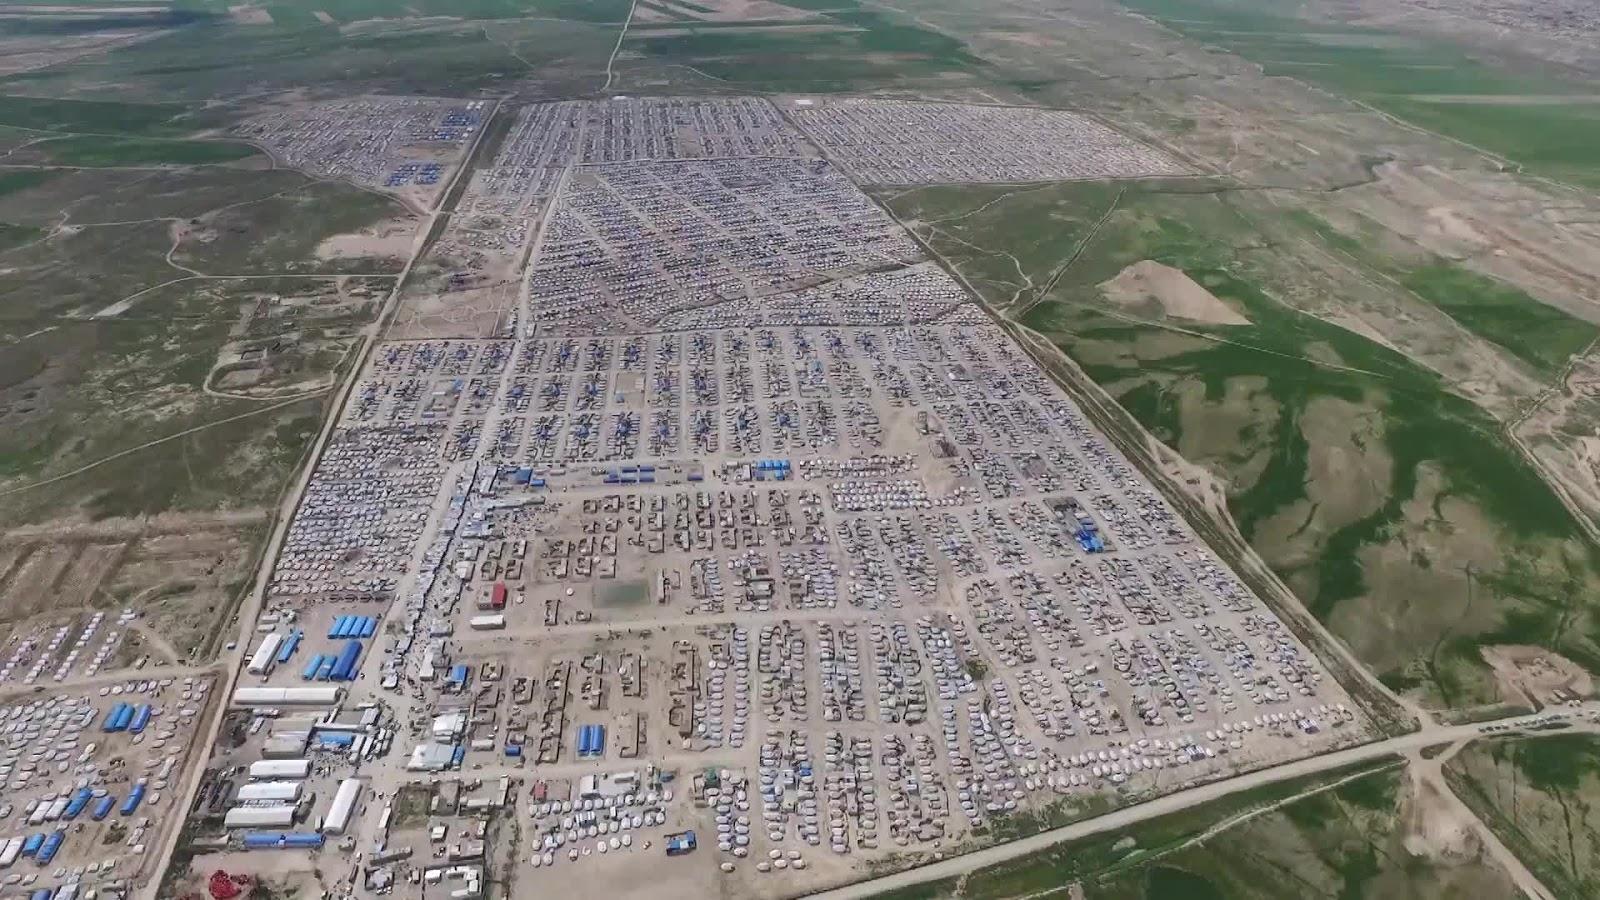 Al Hol Camp